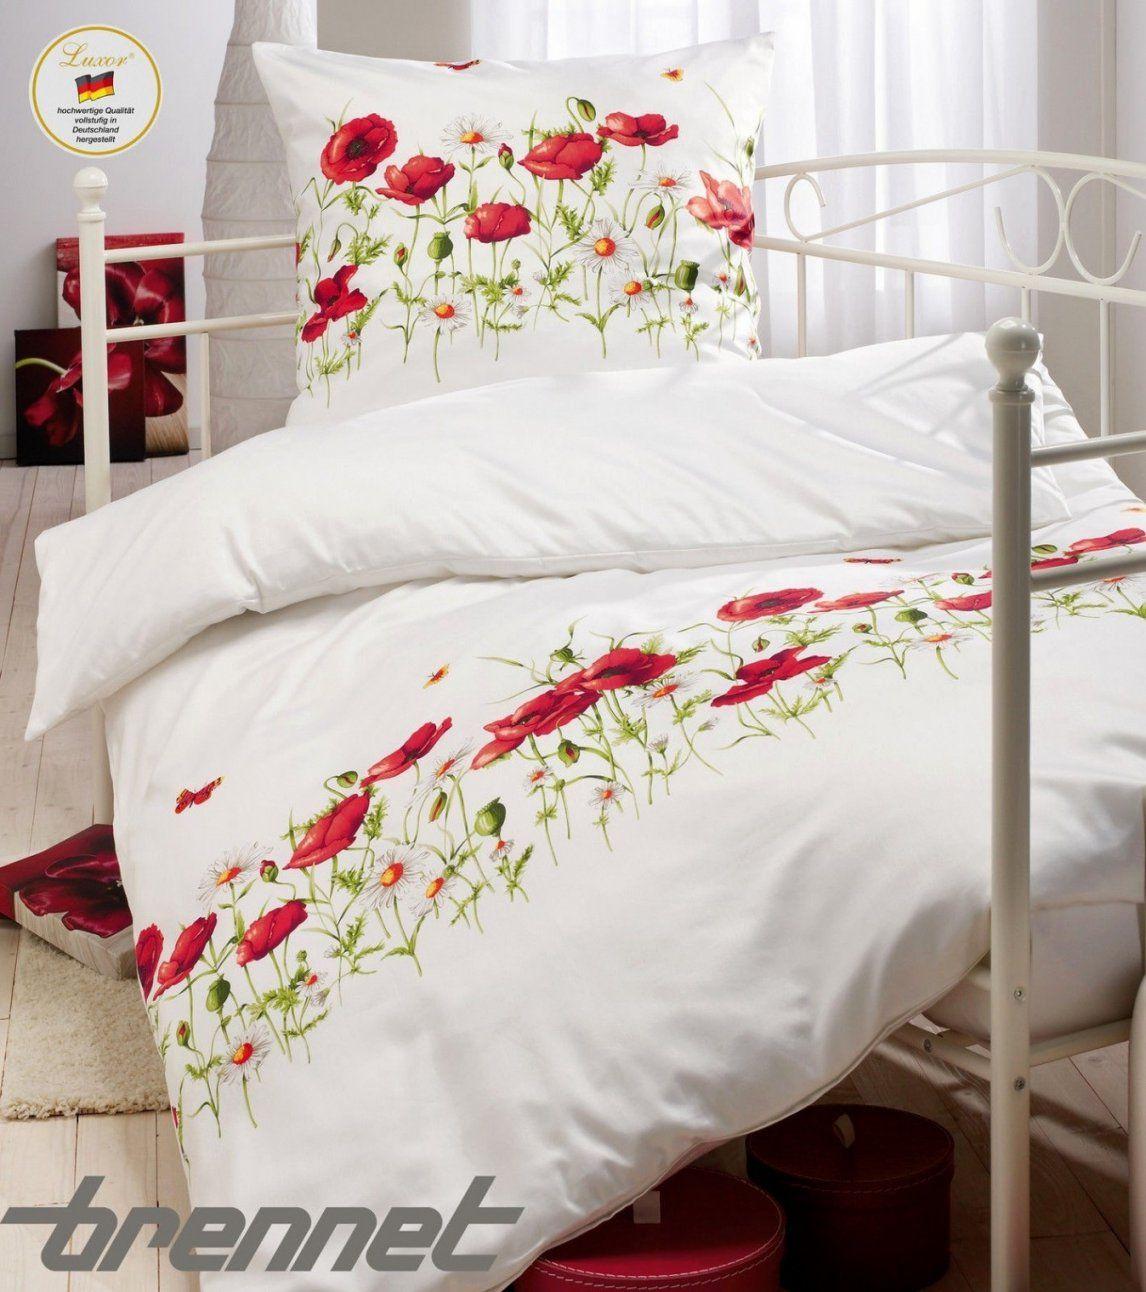 Bettwasche 200x200 Mako Satin Hnl Mako Satin Bettwasche